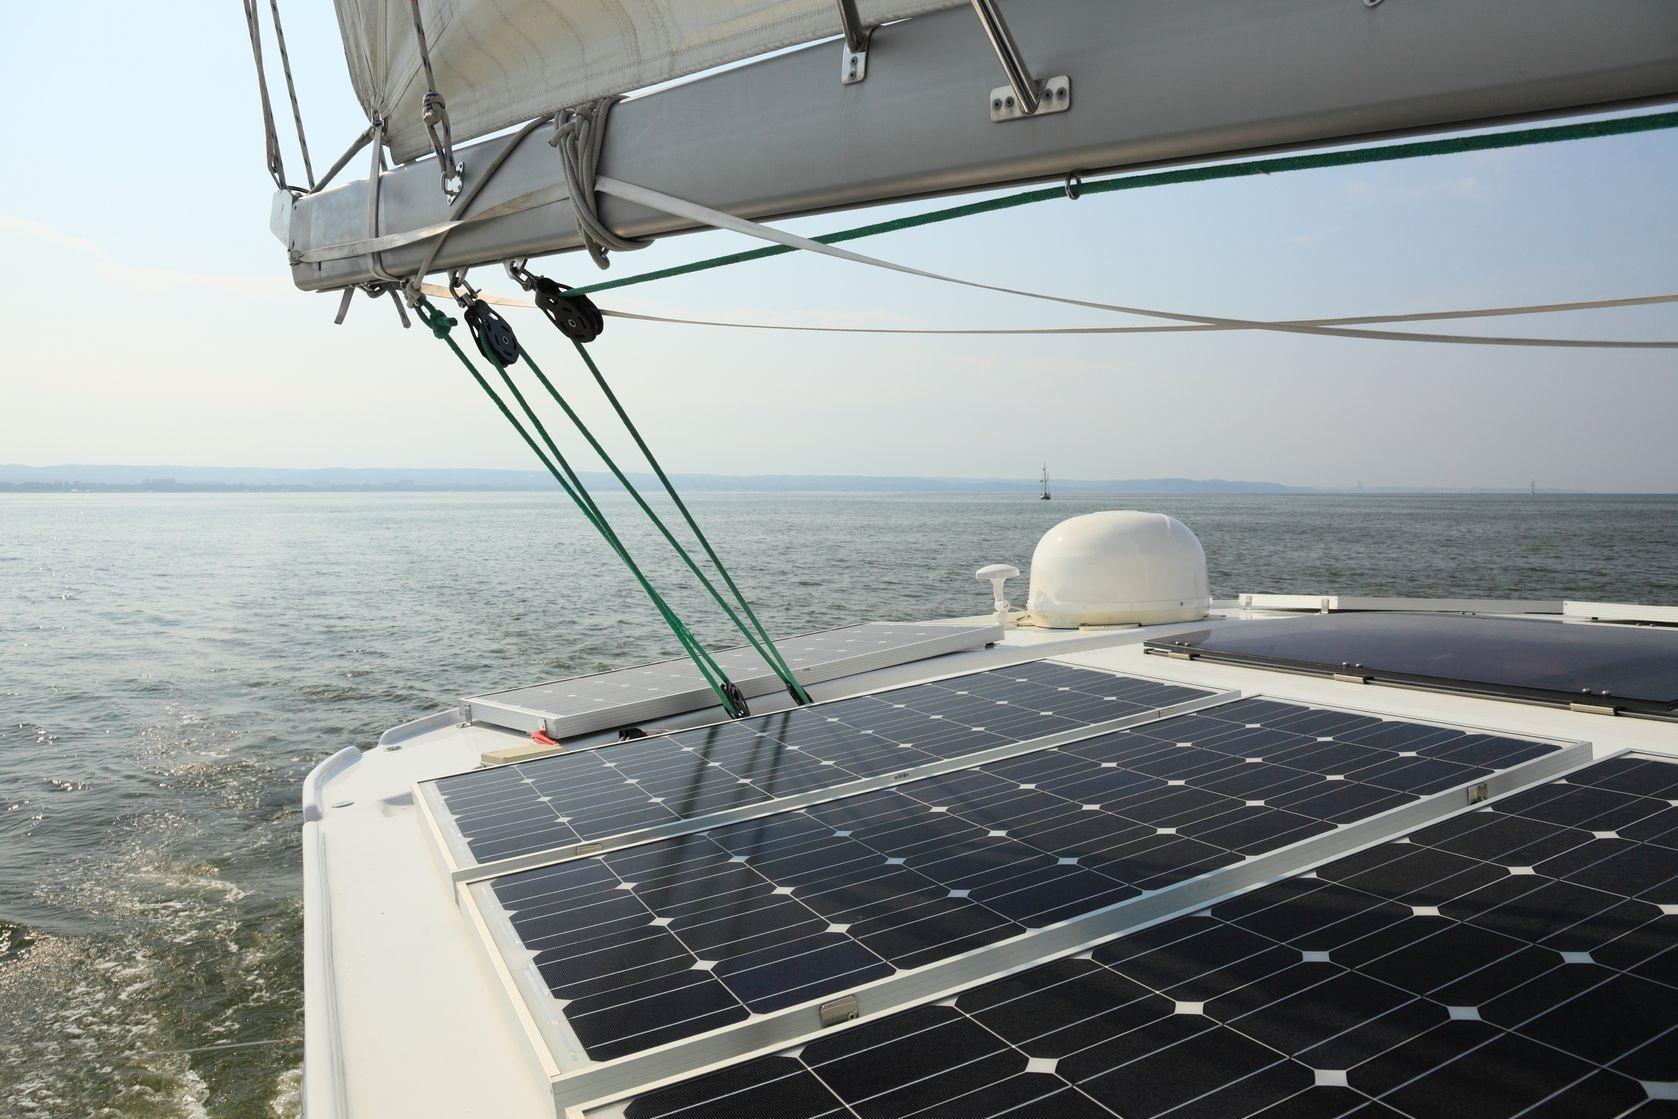 Solpaneler til båd: hvad bør jeg vide?